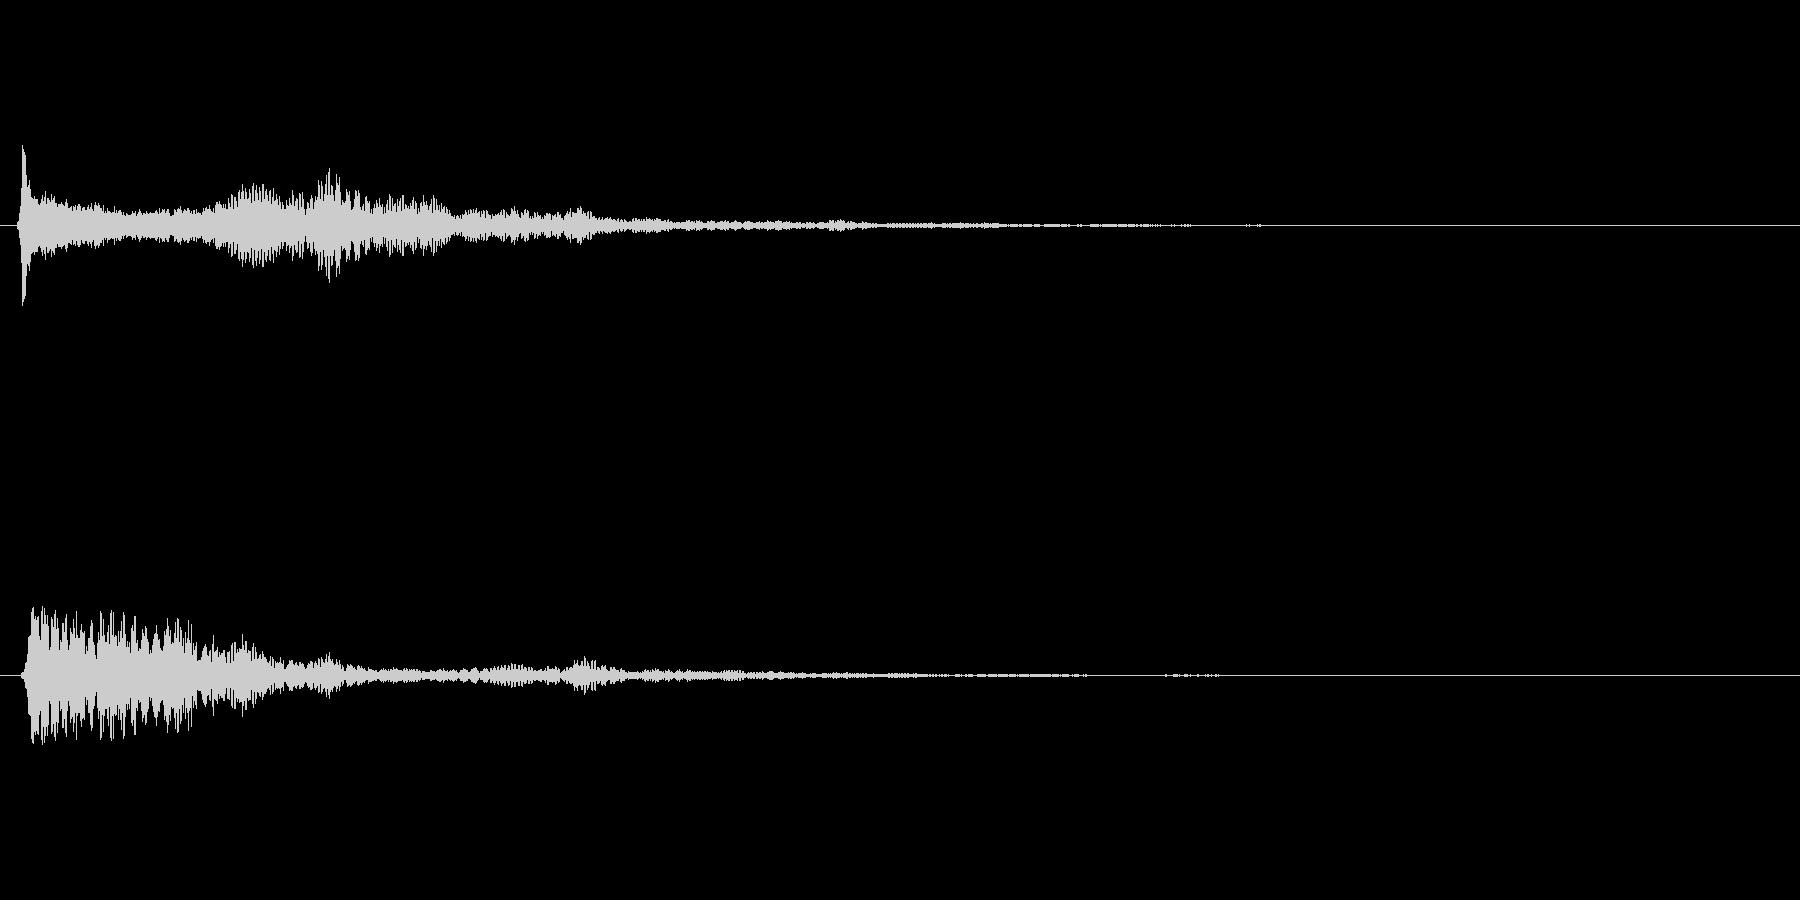 キラキラ系_105の未再生の波形